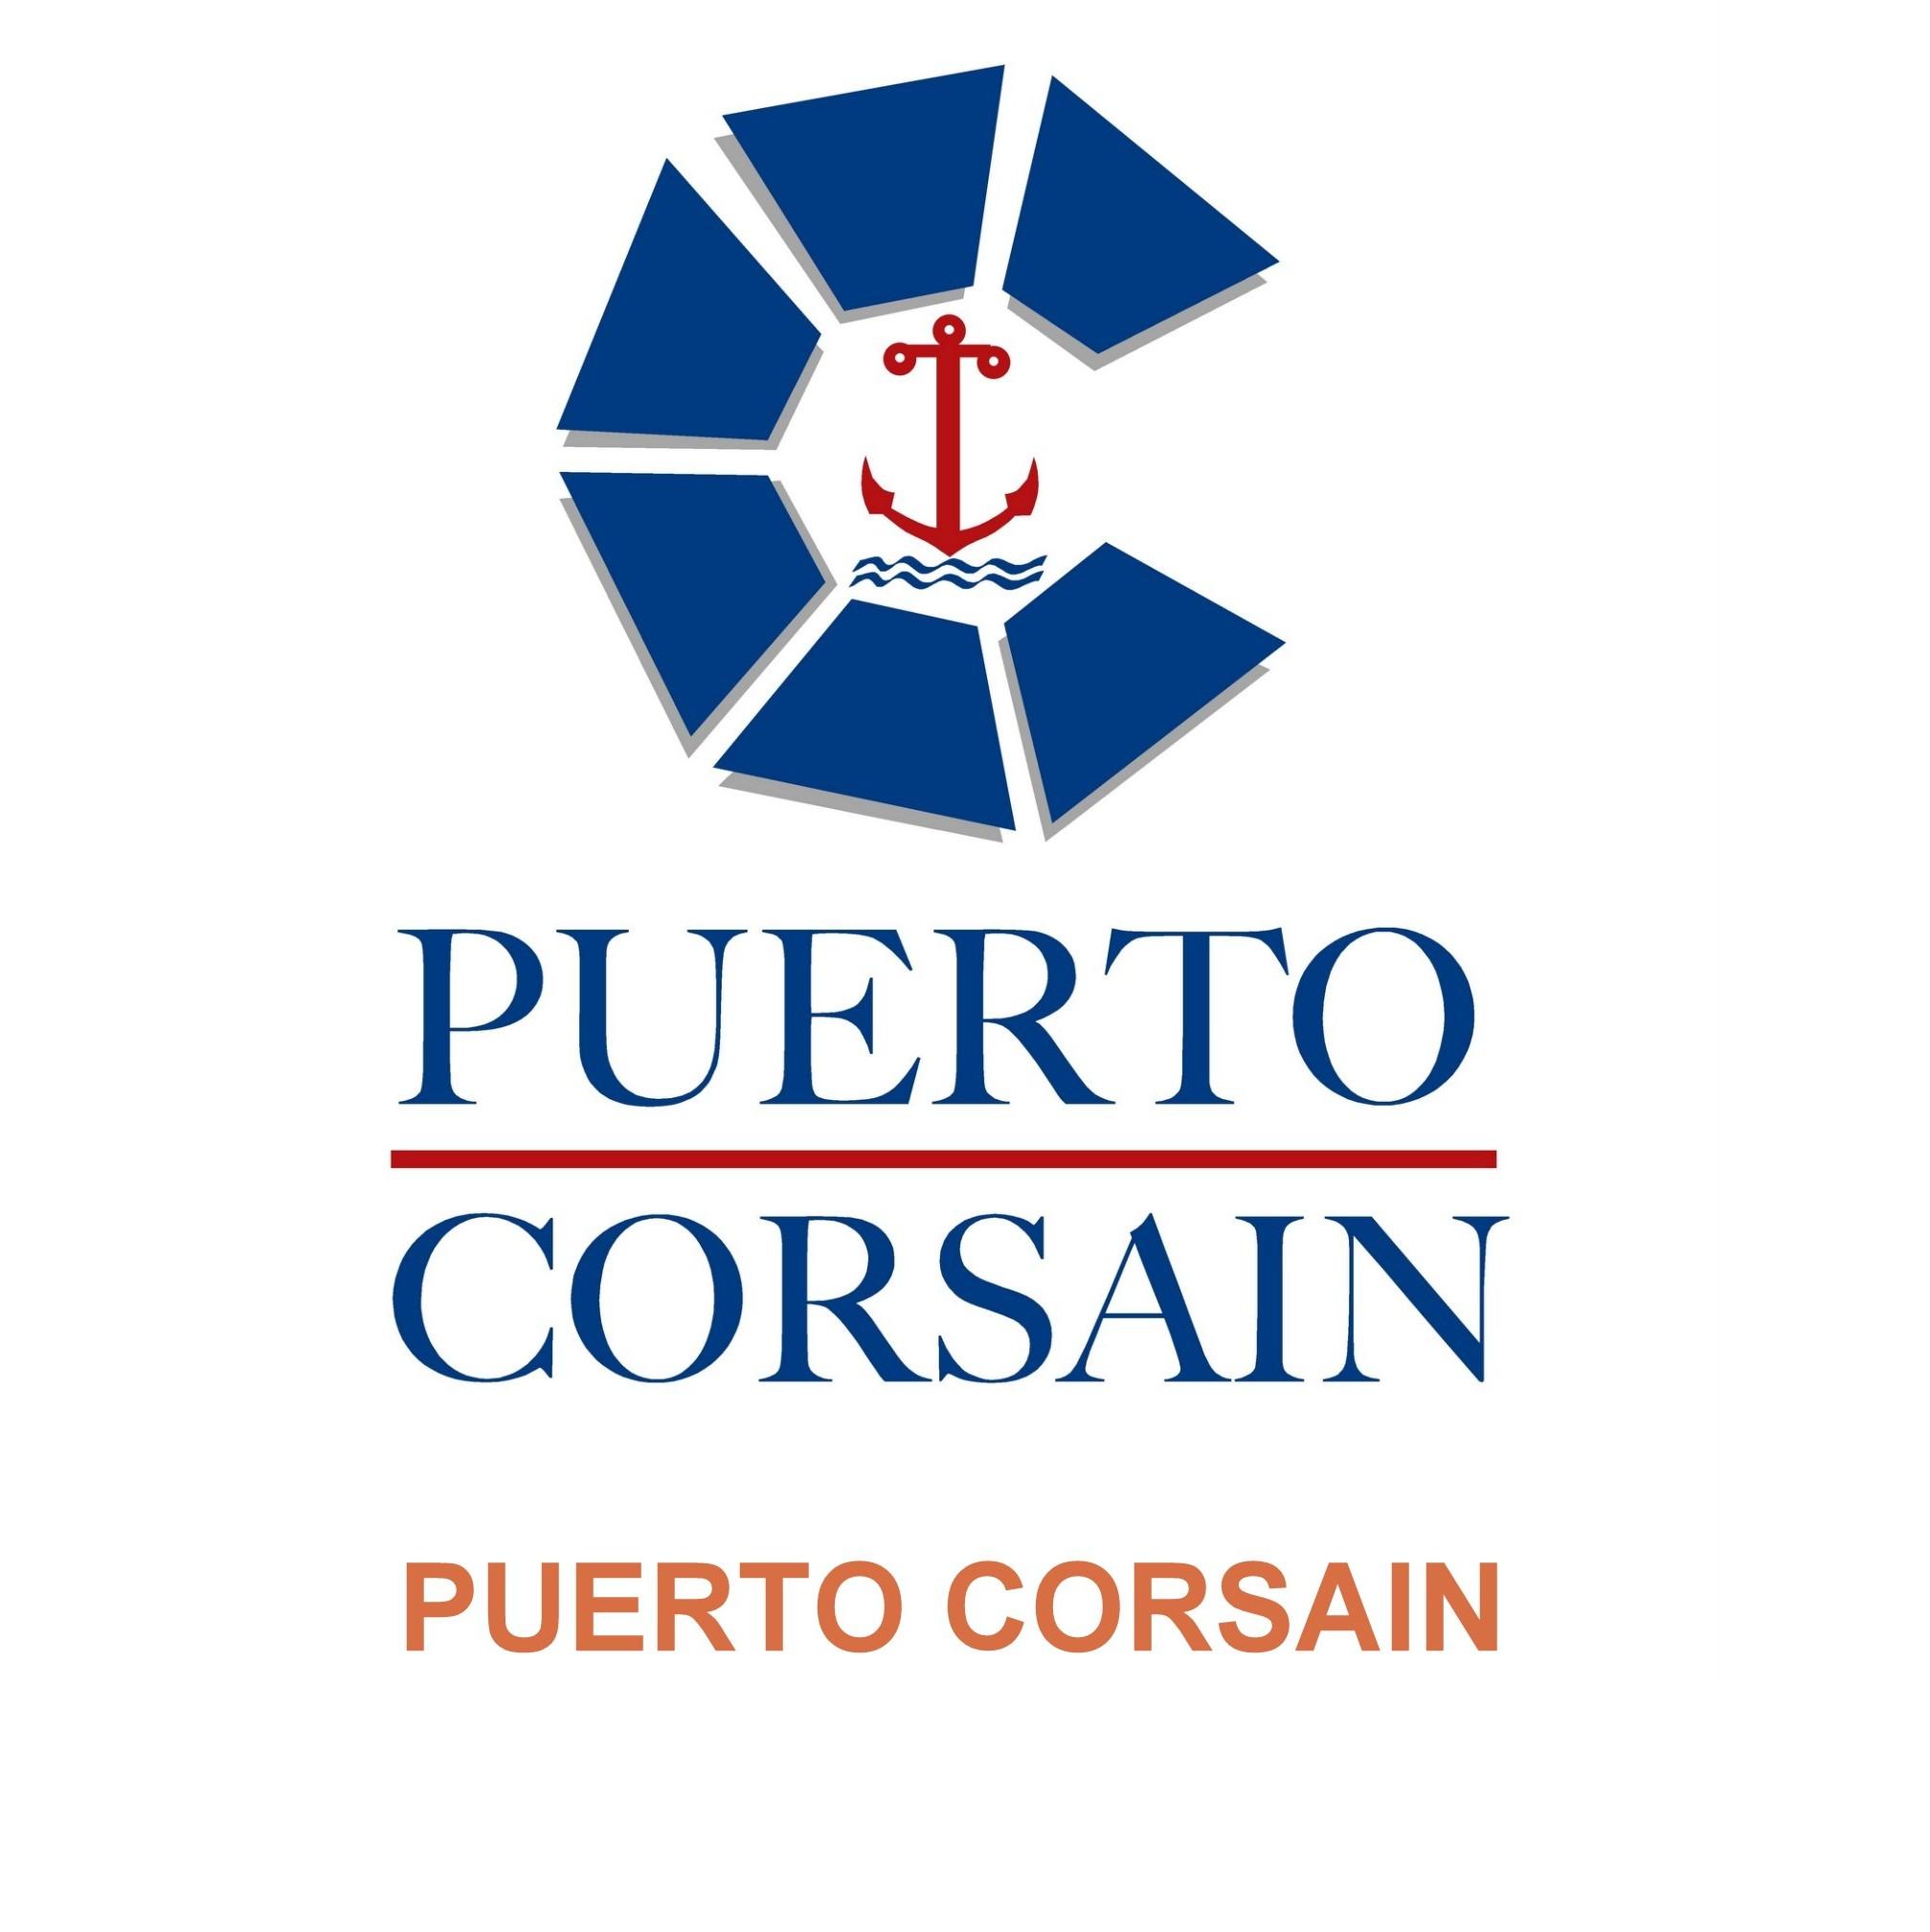 puerto corsain